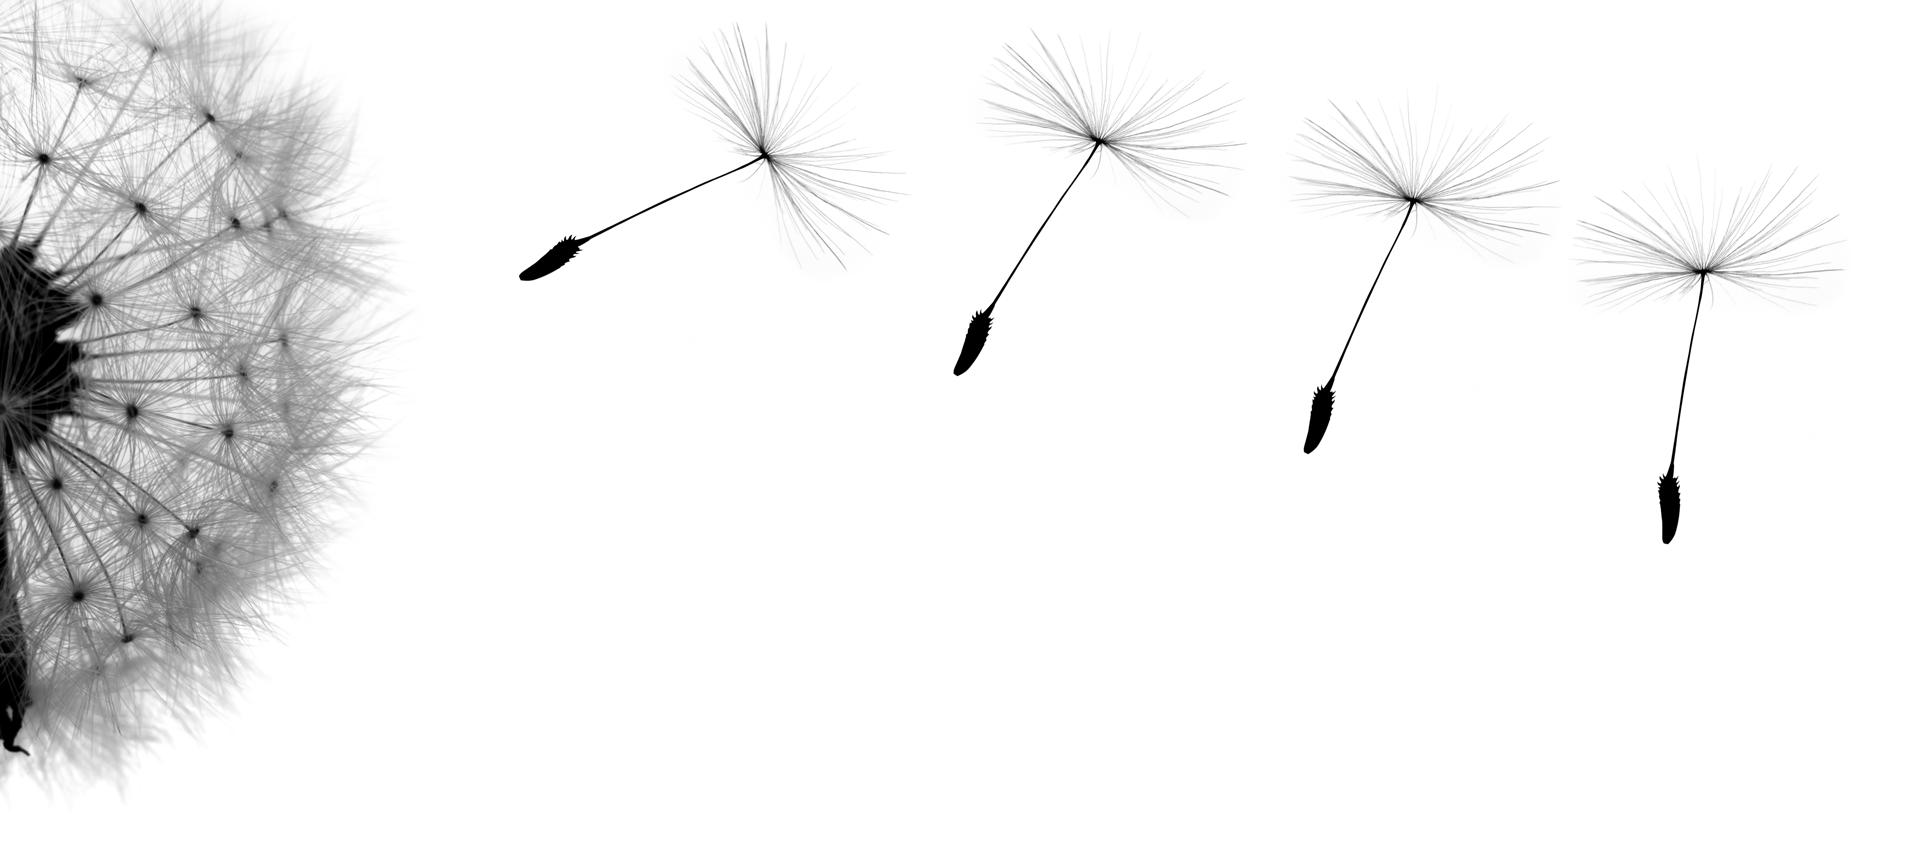 dandelion s approach